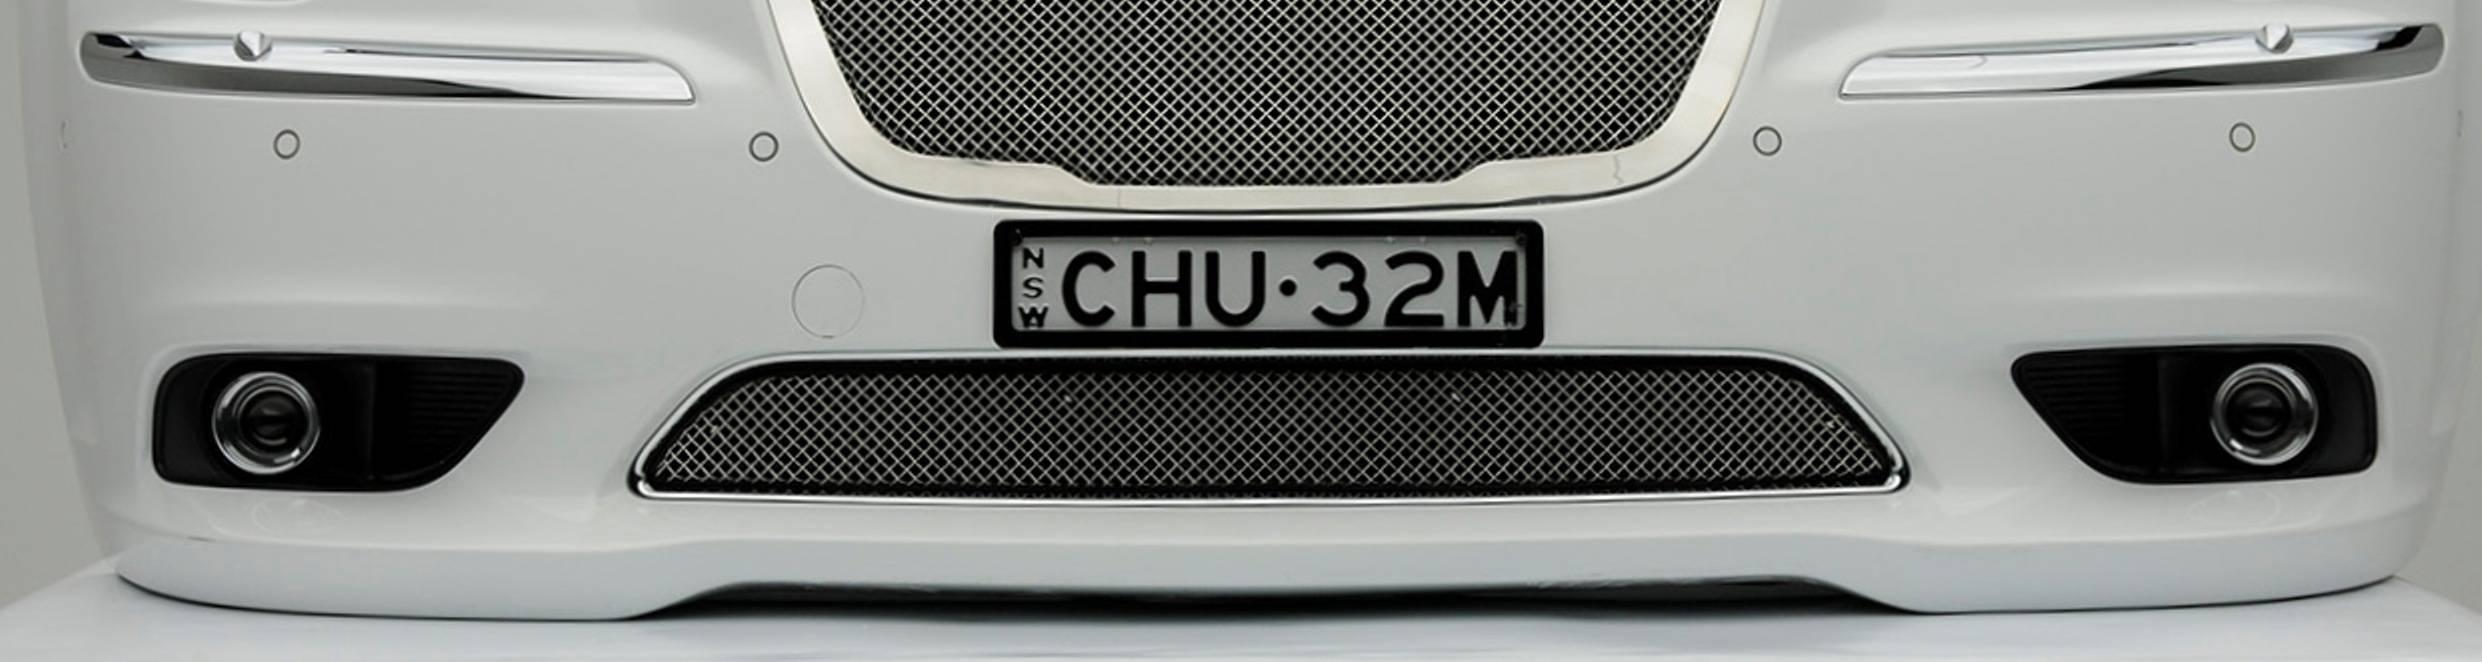 Chrysler 300, Sport Series, Formed Mesh Grille, Bumper, Overlay, 1 Pc, Triple Chrome Plated Stainless Steel, for Australian Model